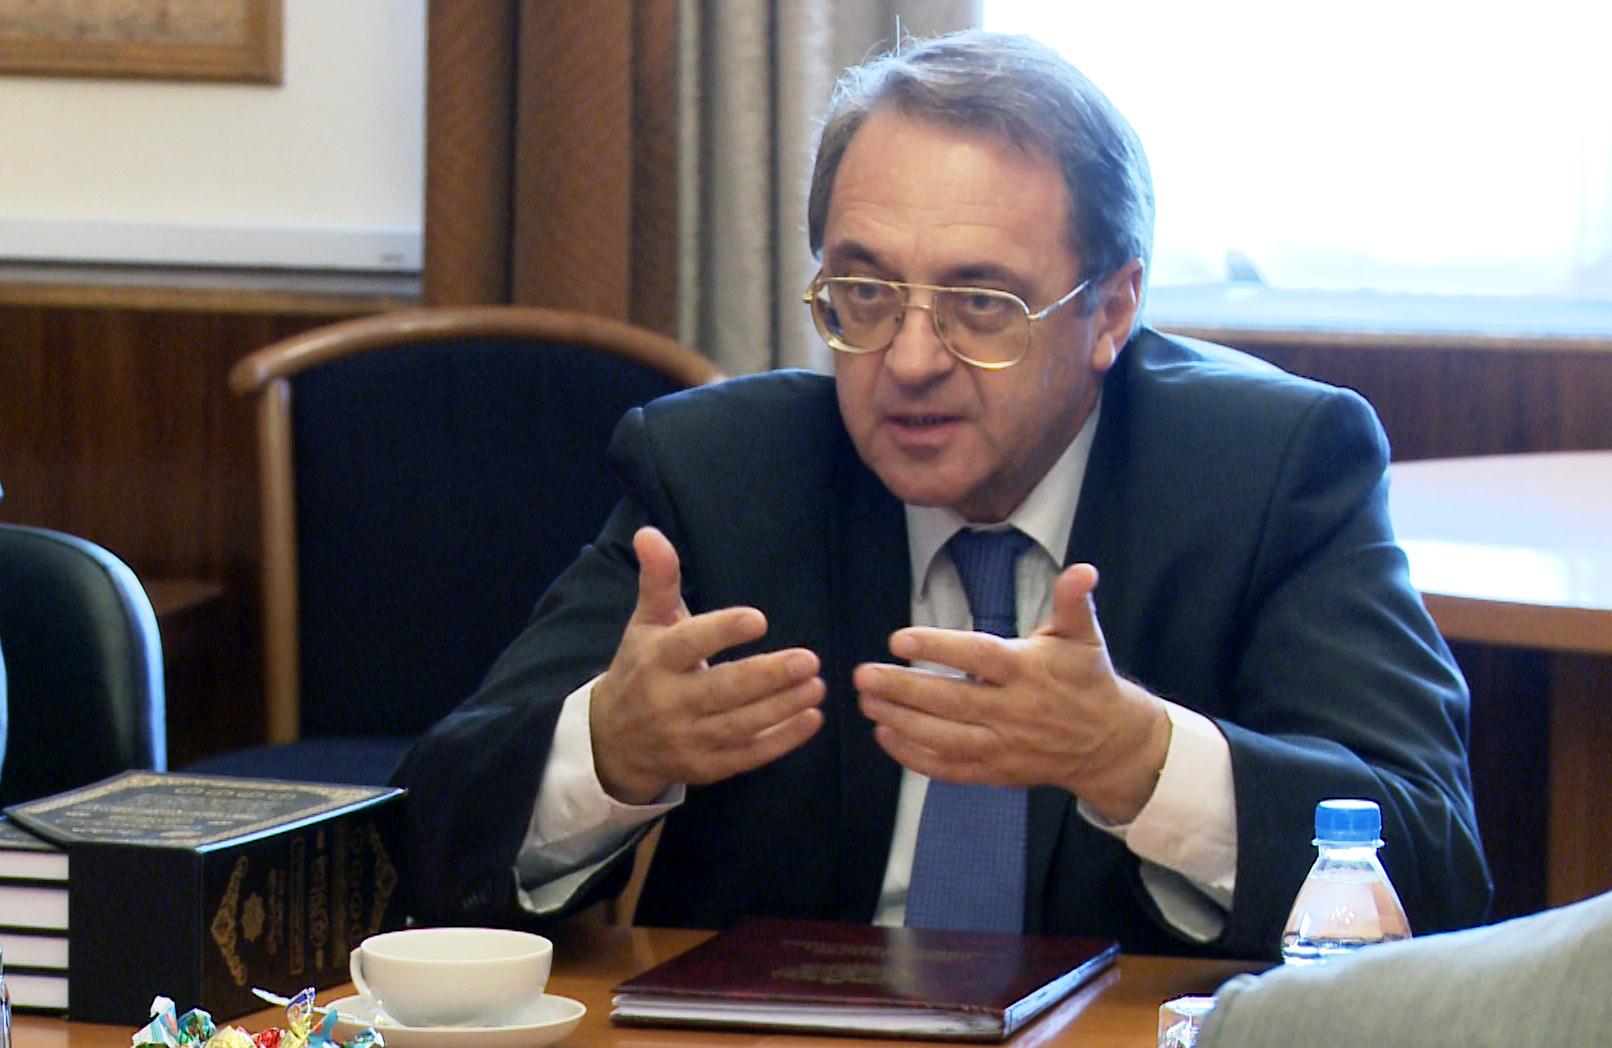 بوغدانوف: على واشنطن اتخاذ موقف متوازن اتجاه الازمة السورية